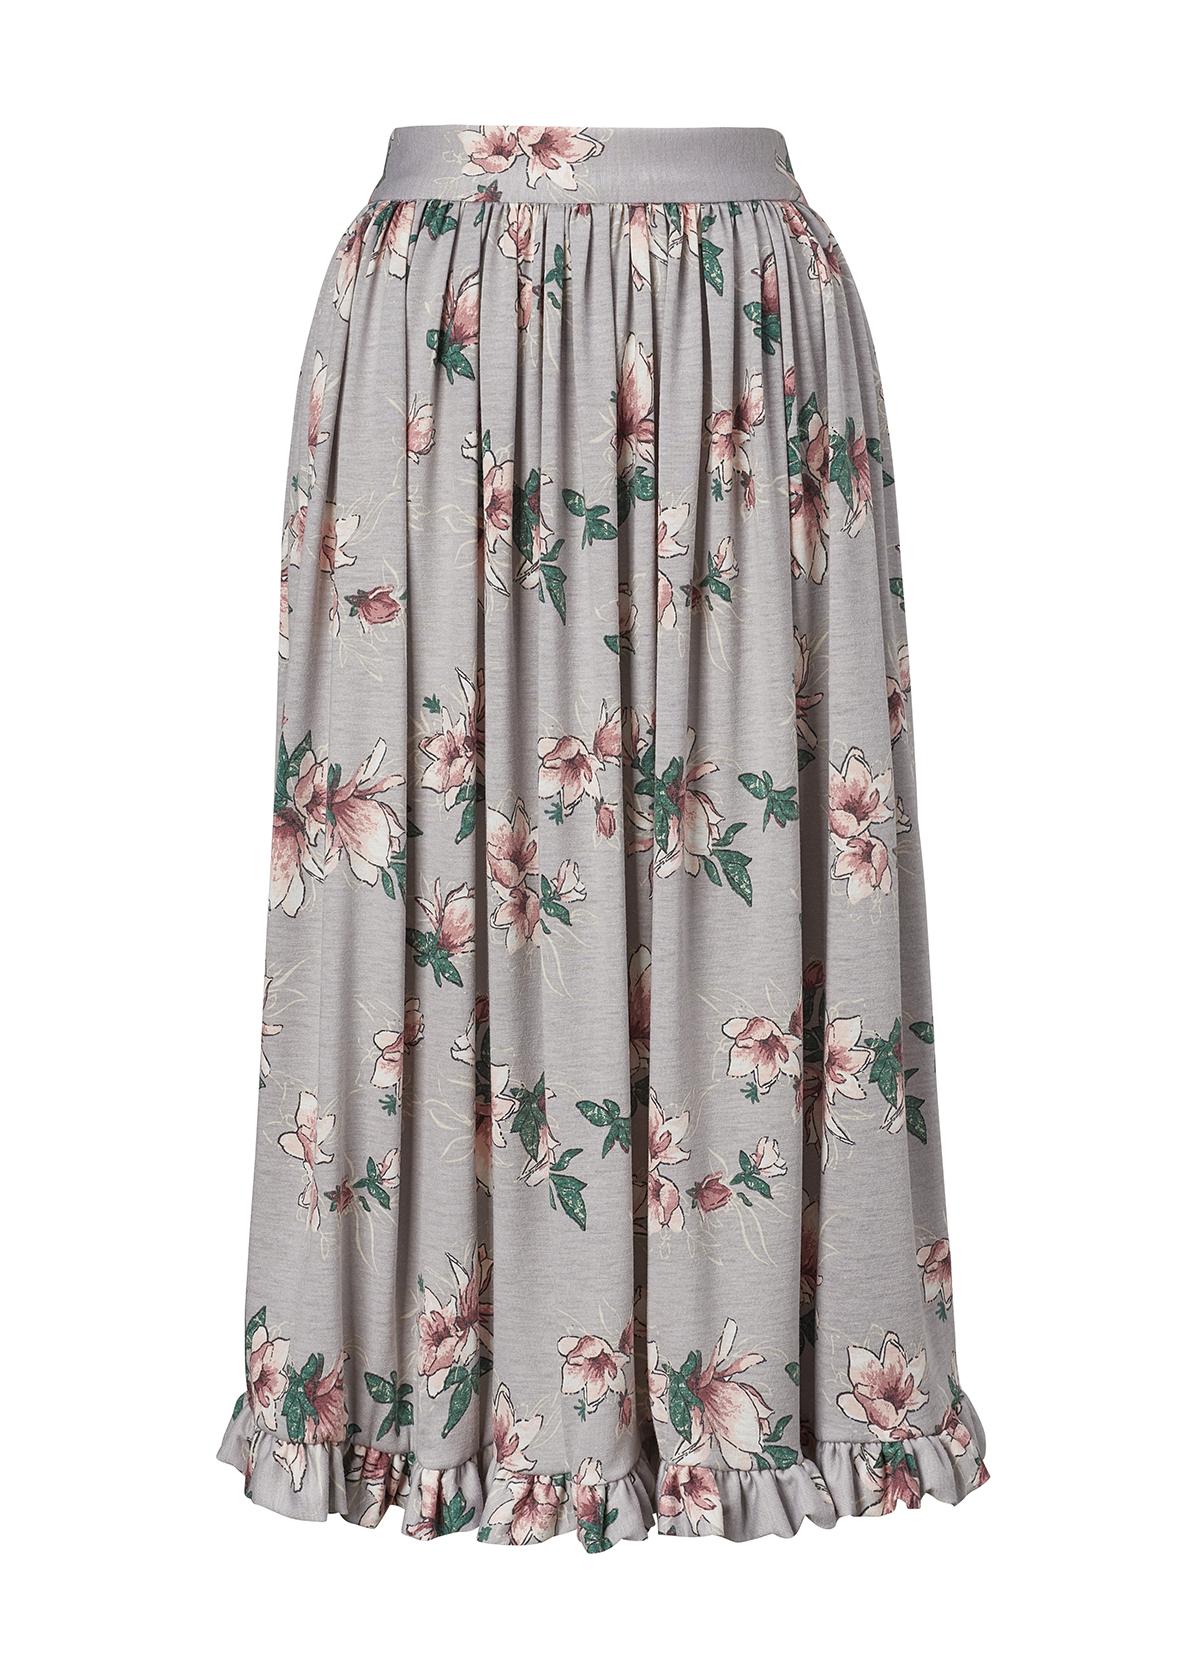 Love Finds a Way Skirt $240